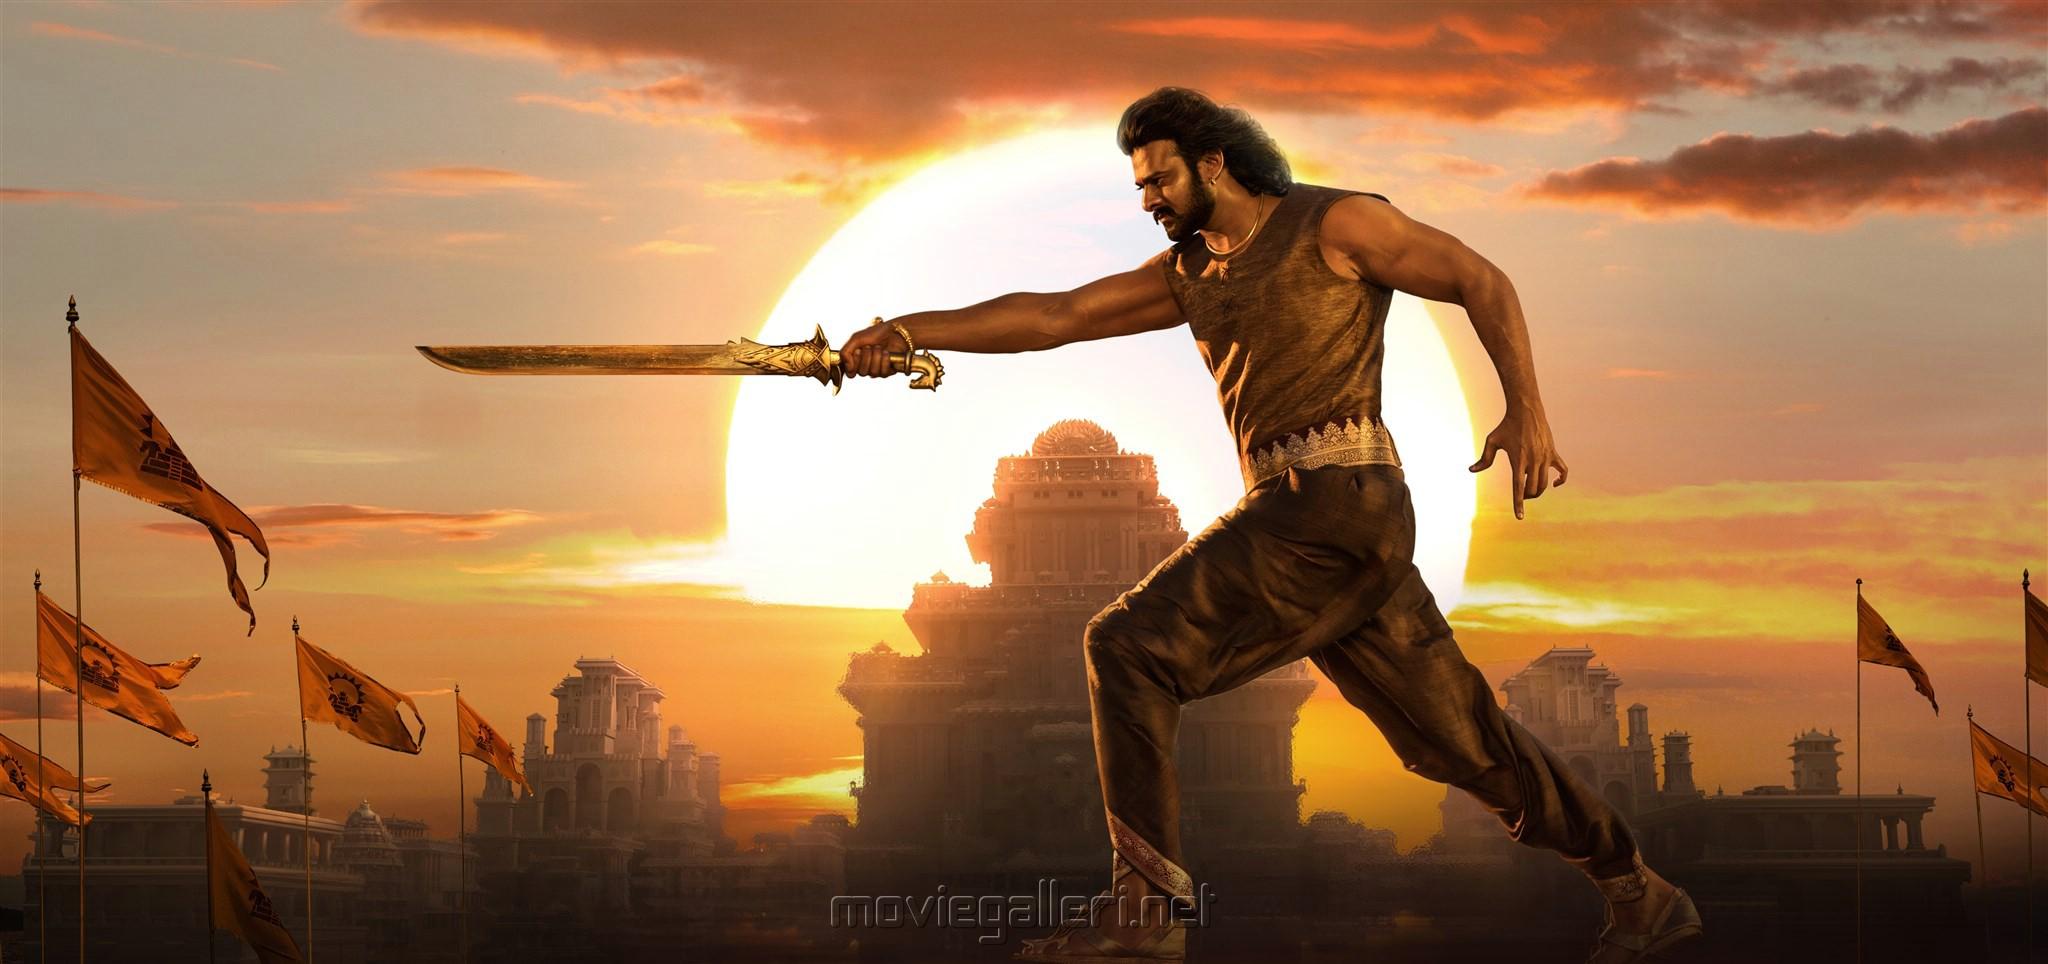 Hero Prabhas in Baahubali 2 Movie HD Images